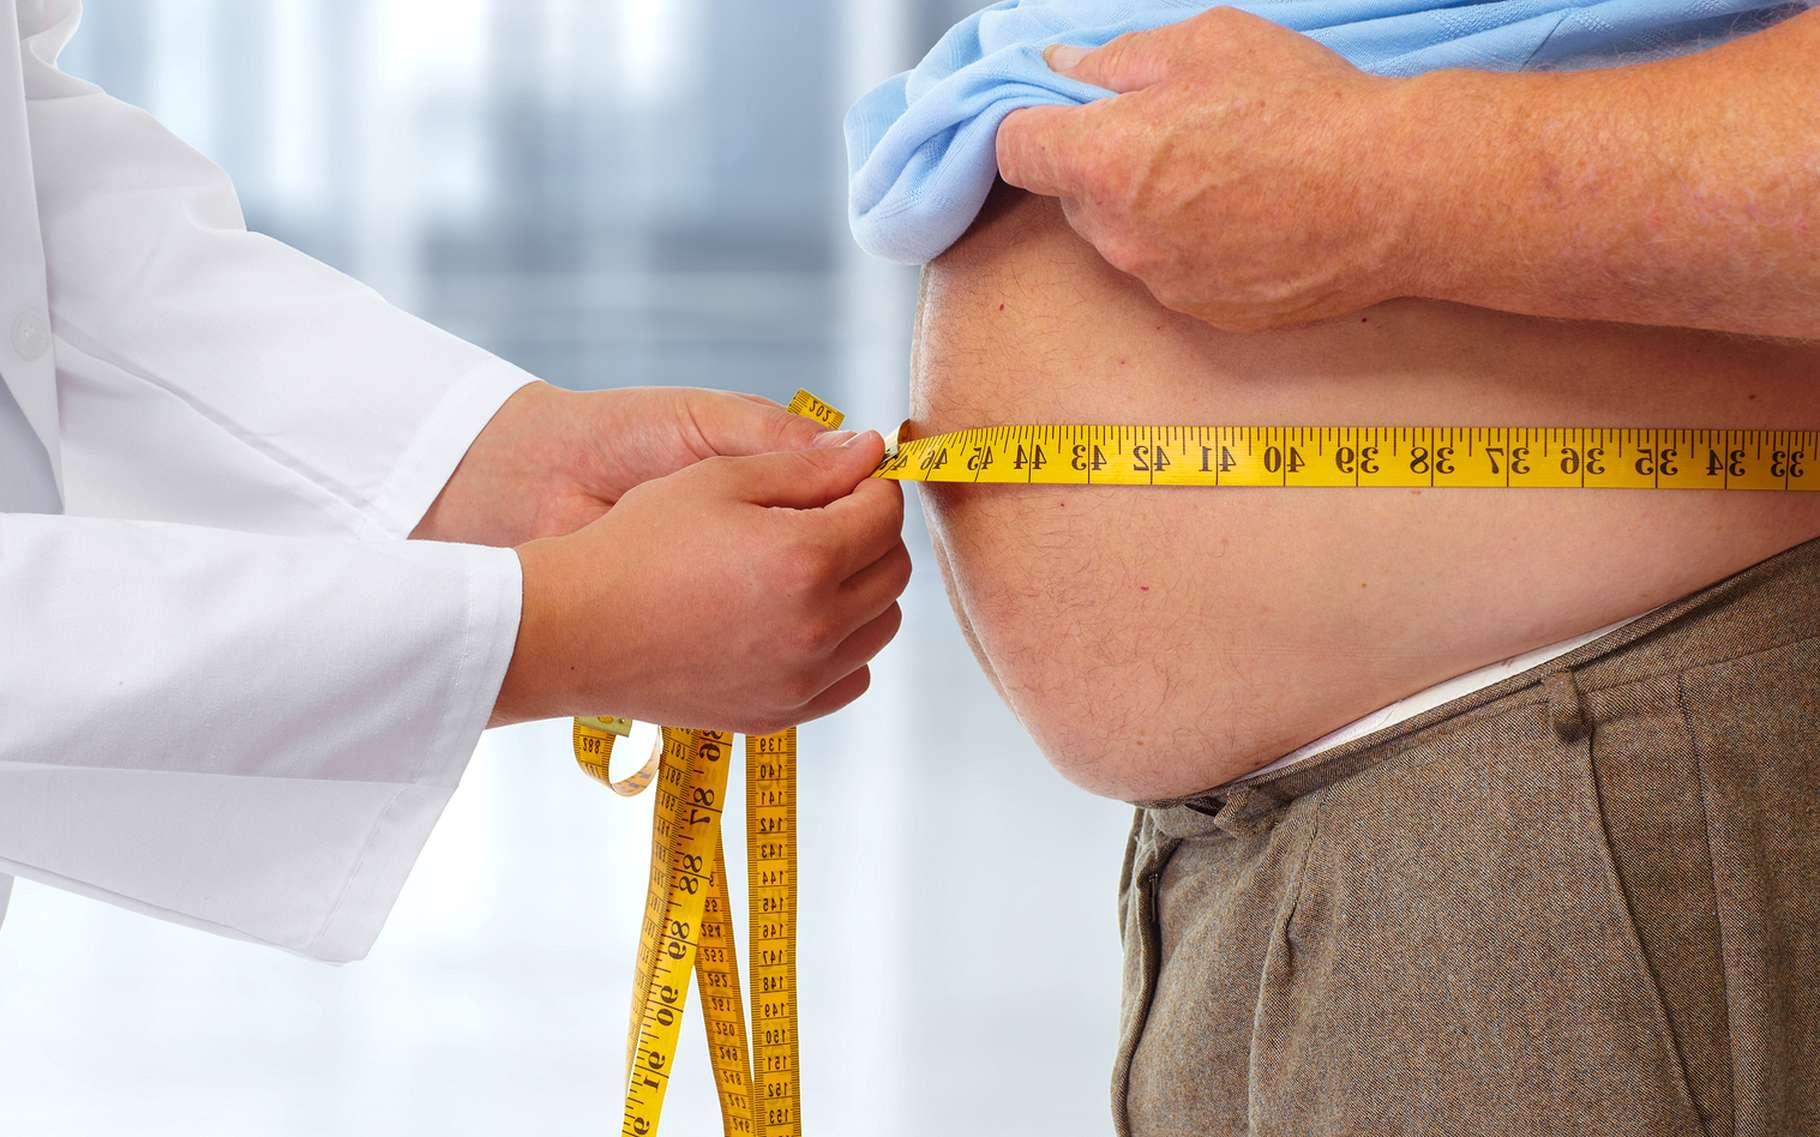 L'obésité est due à un déséquilibre entre les apports nutritionnels et la dépense énergétique. Un traitement possible consisterait à activer la formation de tissu adipeux brun capable de consommer des graisses. © kurhan, Shutterstock